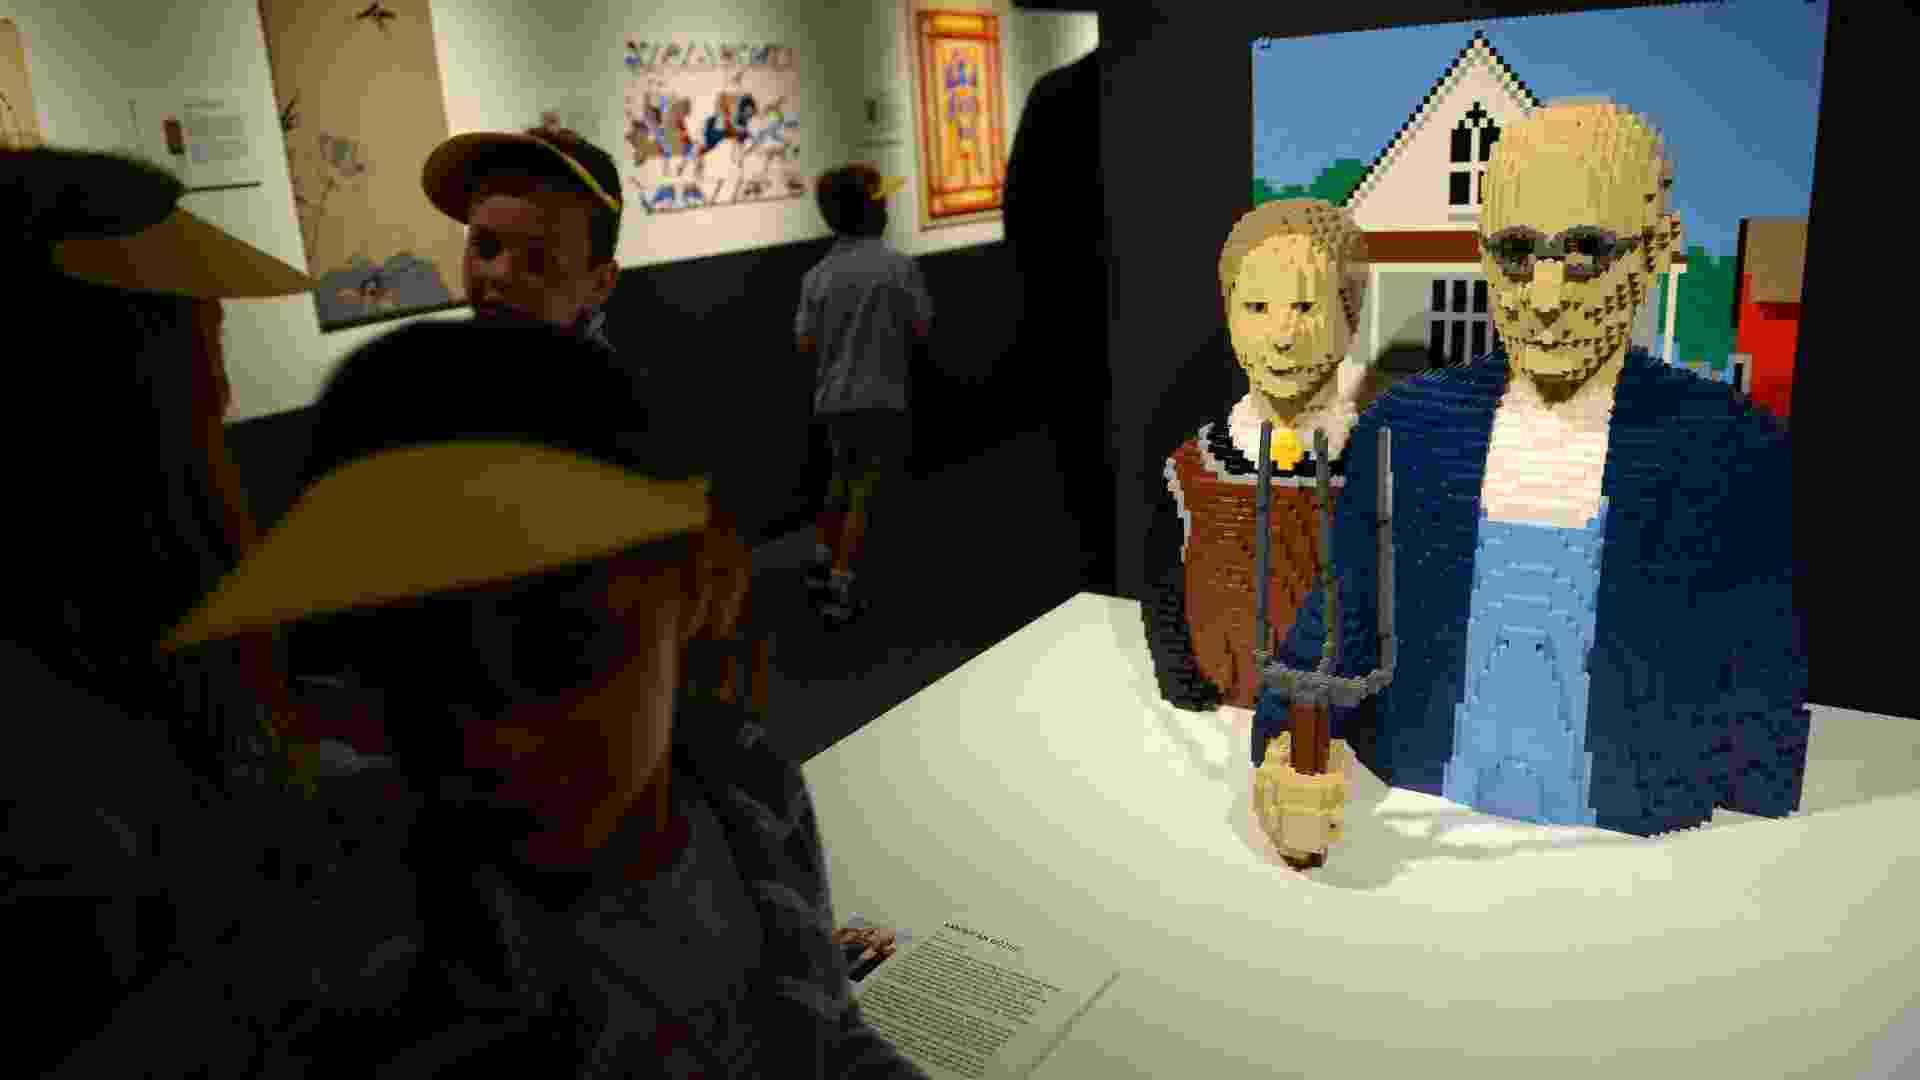 A mostra ?The Art of the Bricks?, de Nathan Sawaya, começa em Nova York no dia 14 de junho até janeiro de 2014. O artista plástico utiliza peças do tradicional brinquedo Lego para criar novas esculturas - AFP PHOTO/Emmanuel Dunand